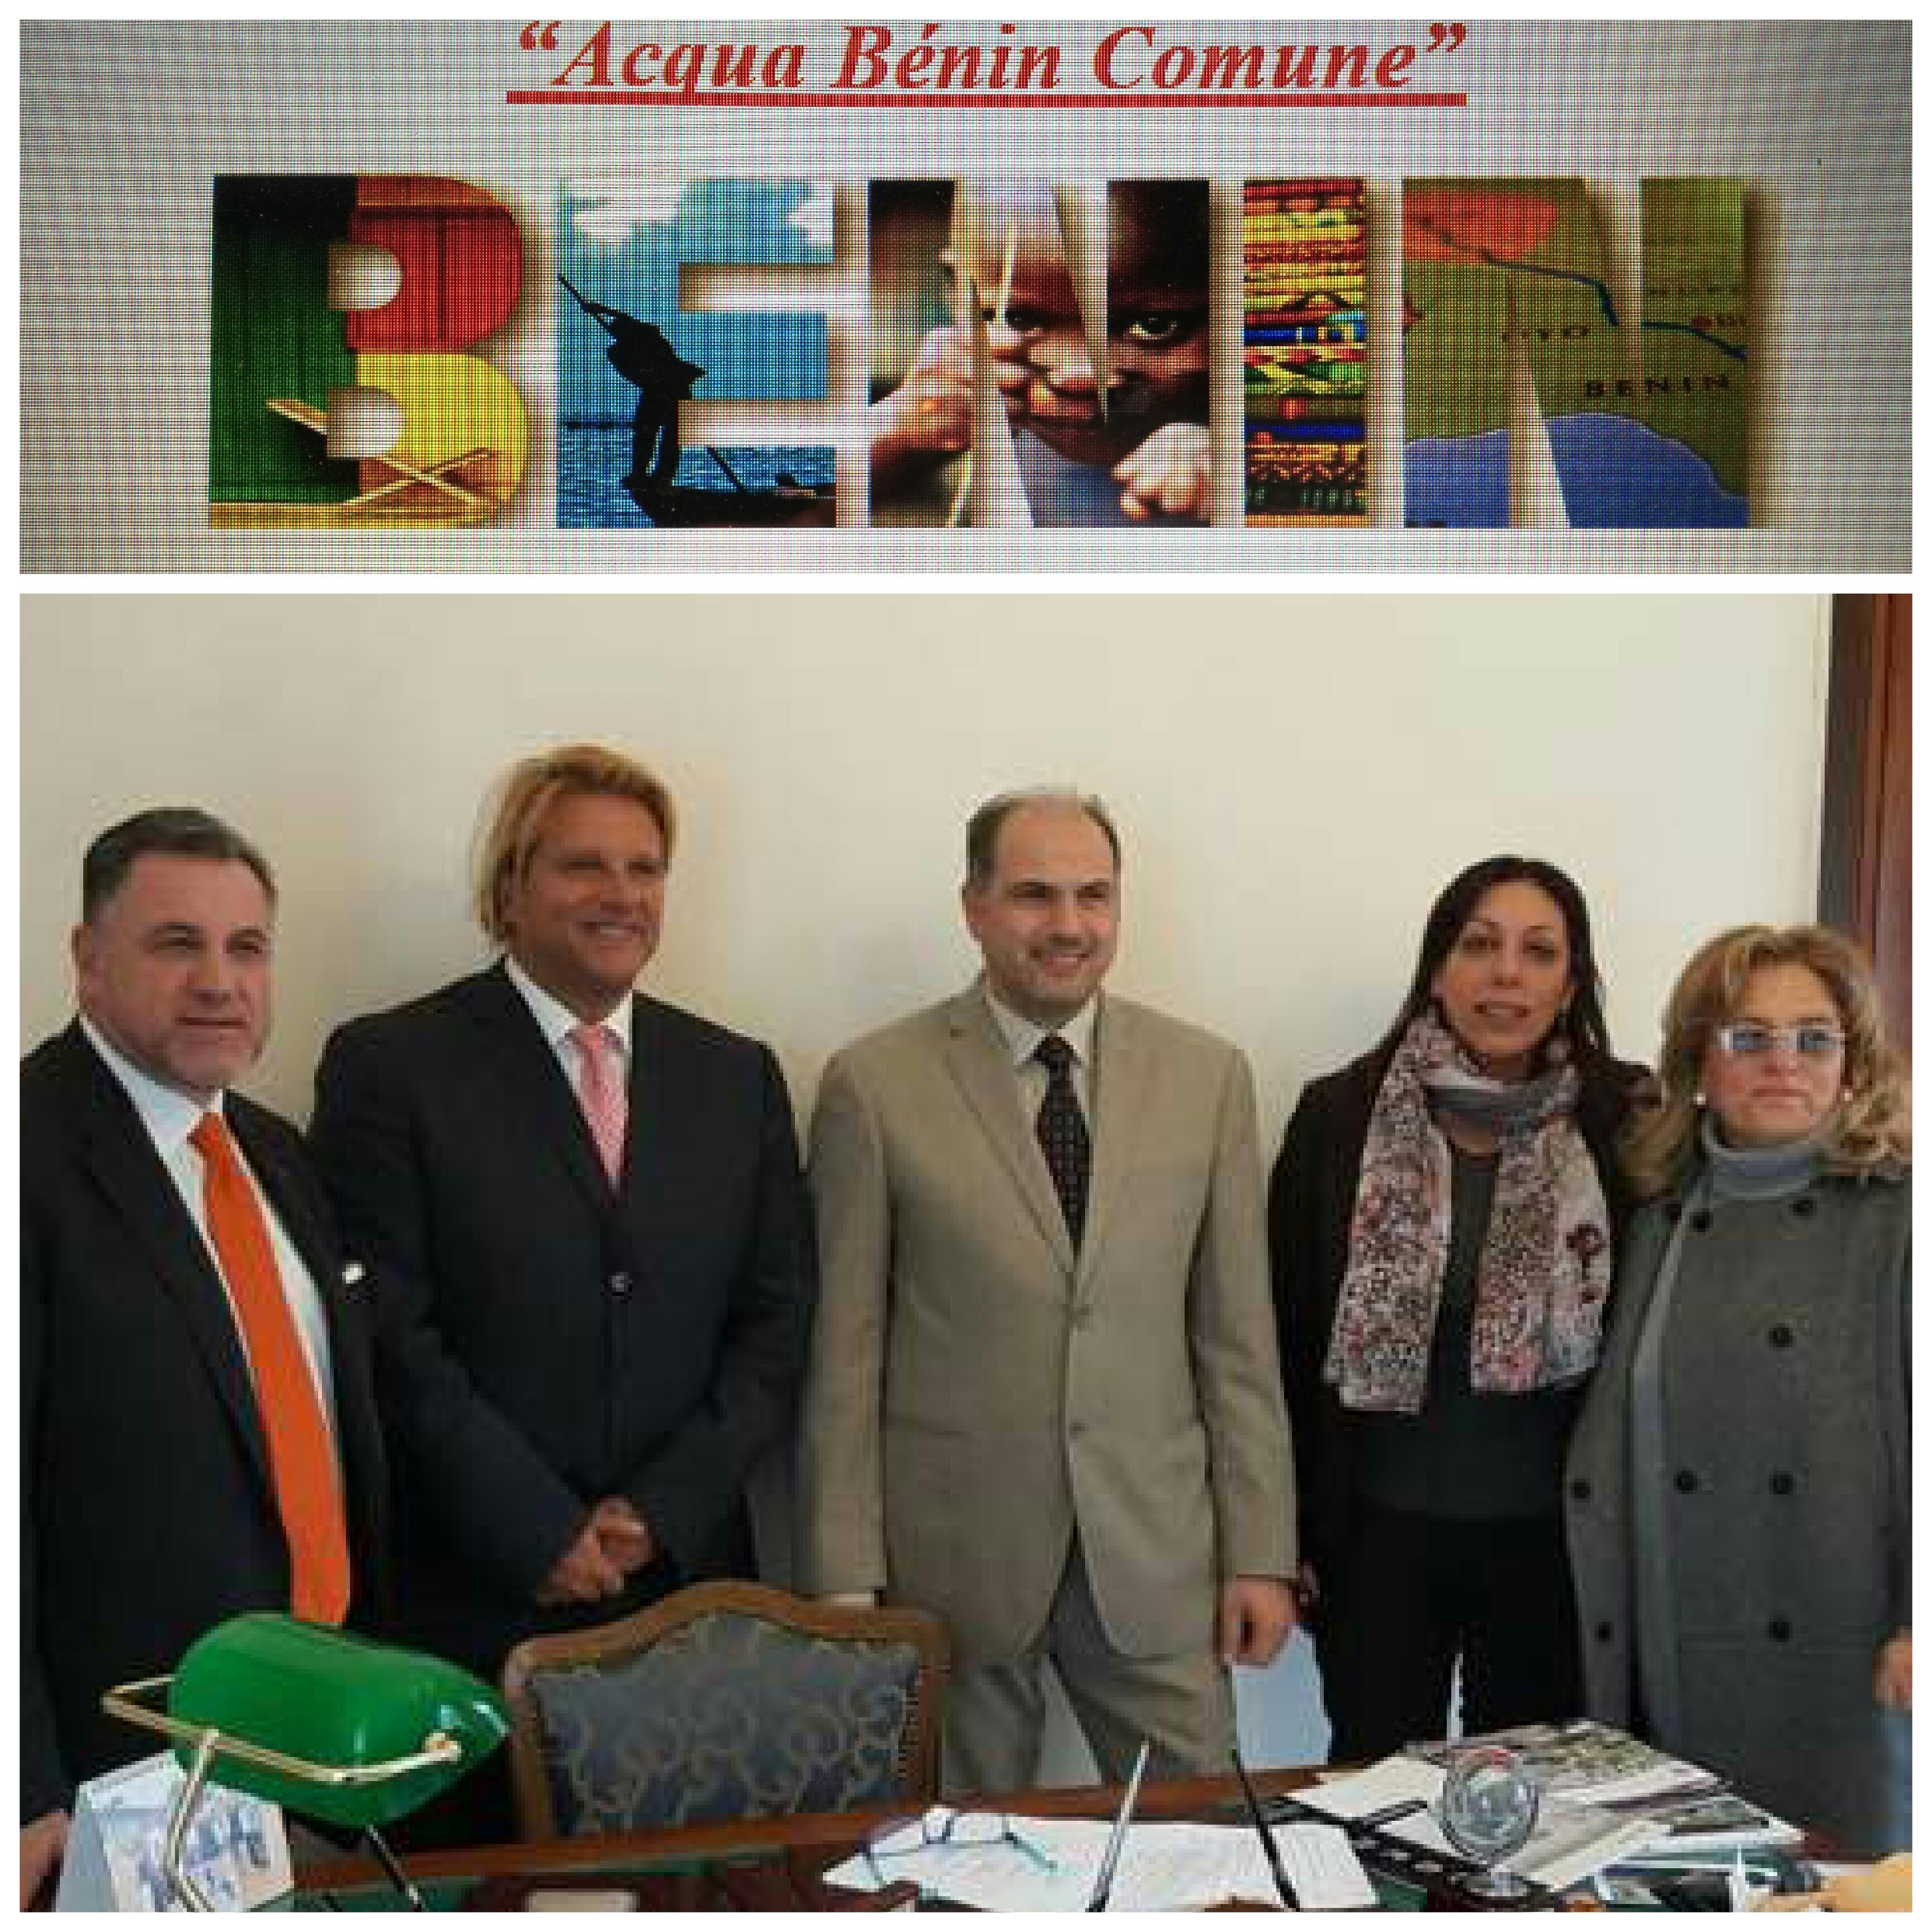 Acqua benin Comune-IC Fiorentino-Sorvillo-Gambardella-Palo